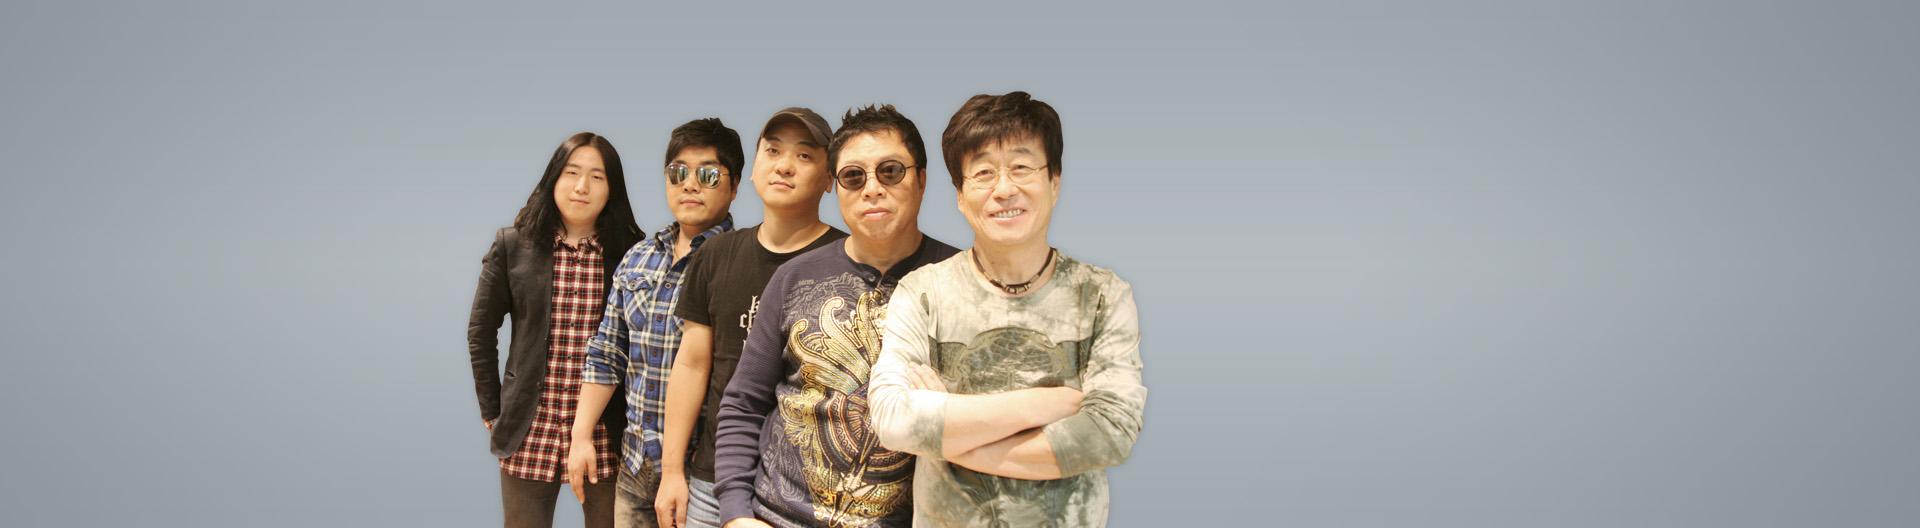 I. 김창완 밴드